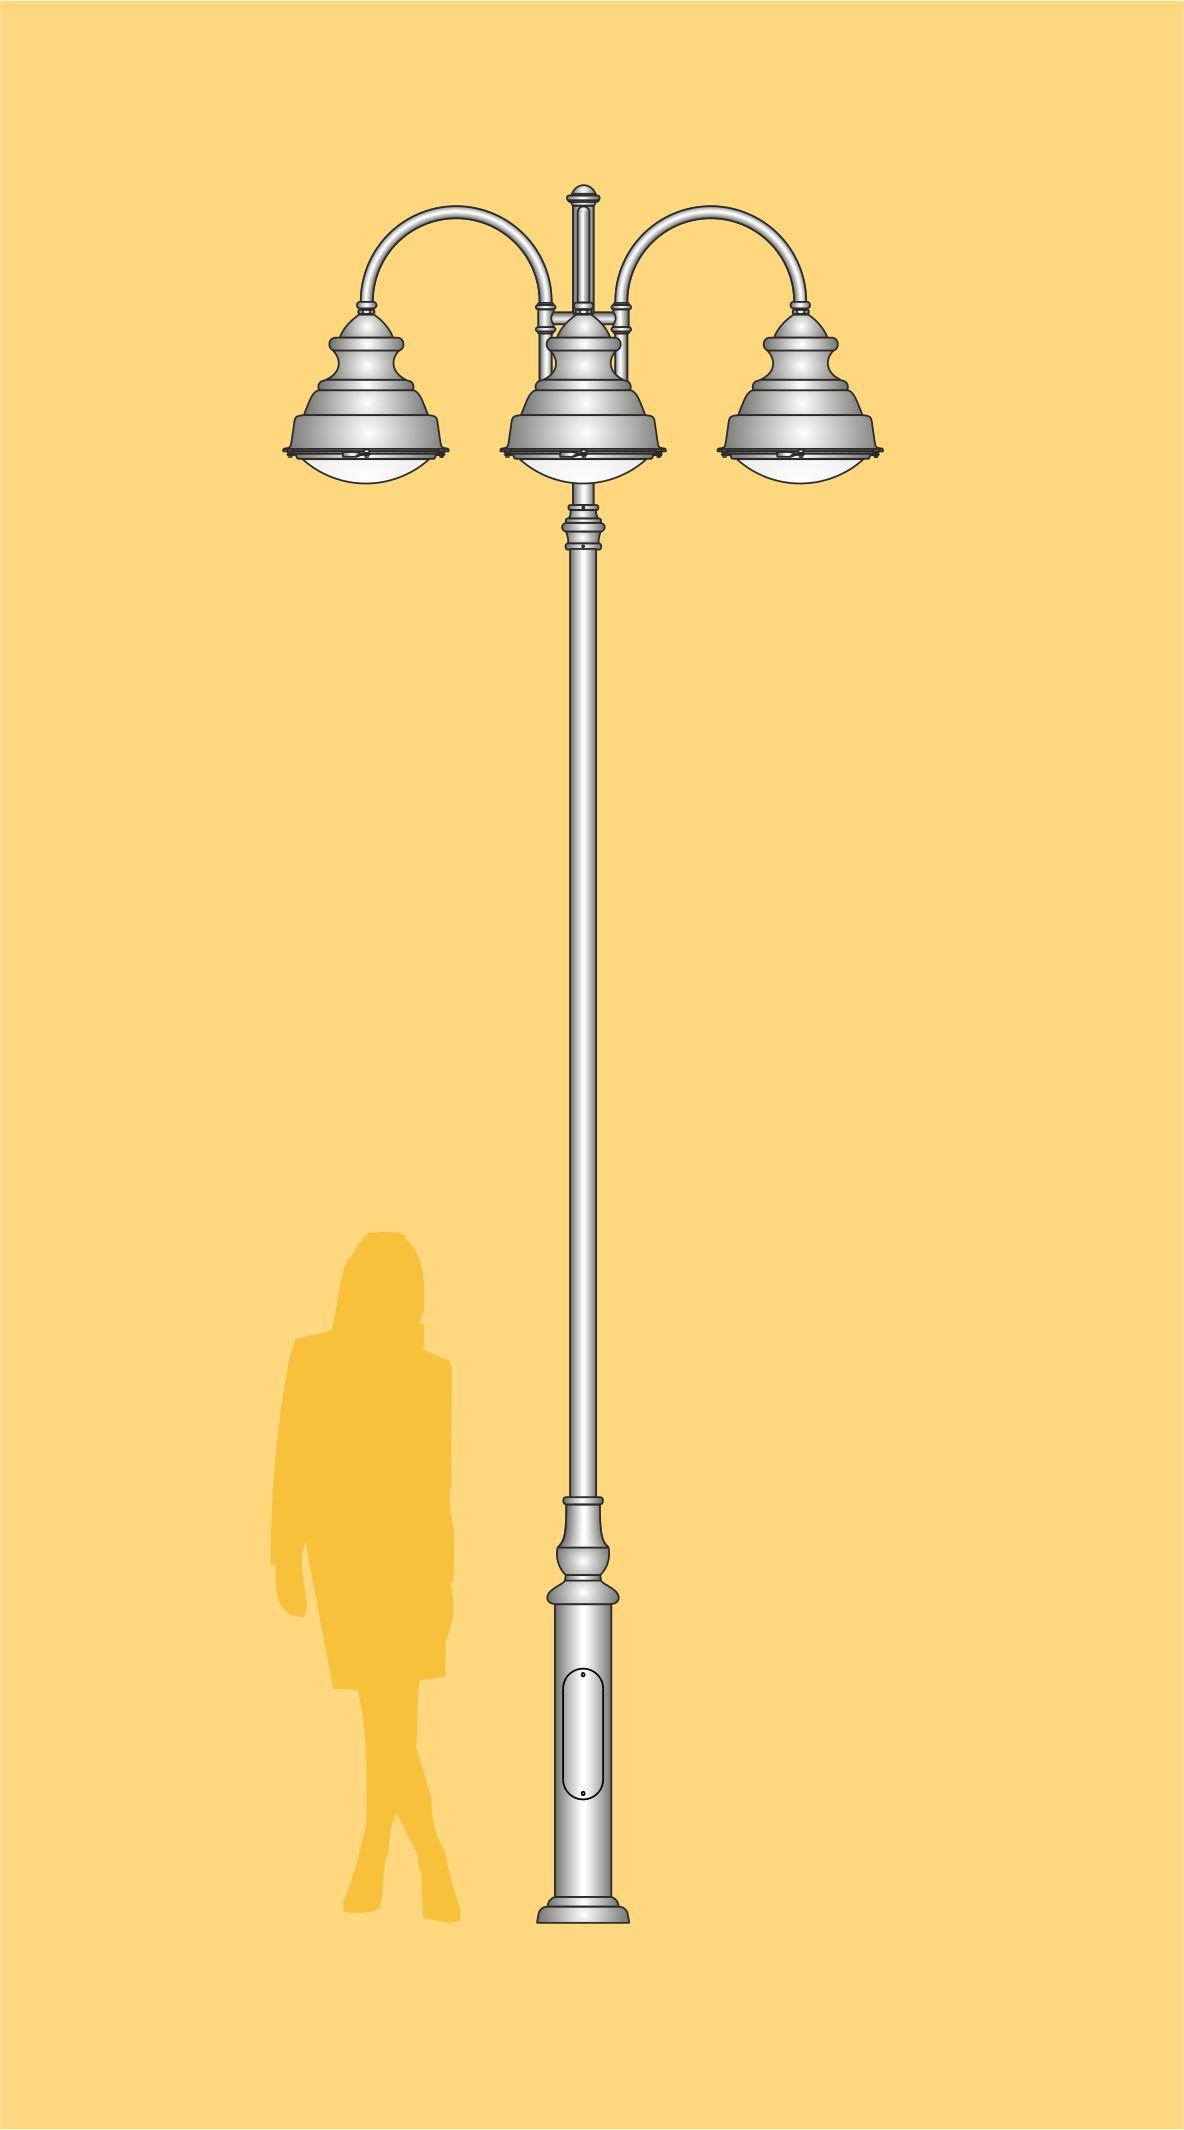 Wysoka latarnia uliczna z 4 oprawiami skierowanymi na drogę dając odpowiednie oświetlenie po zmroku